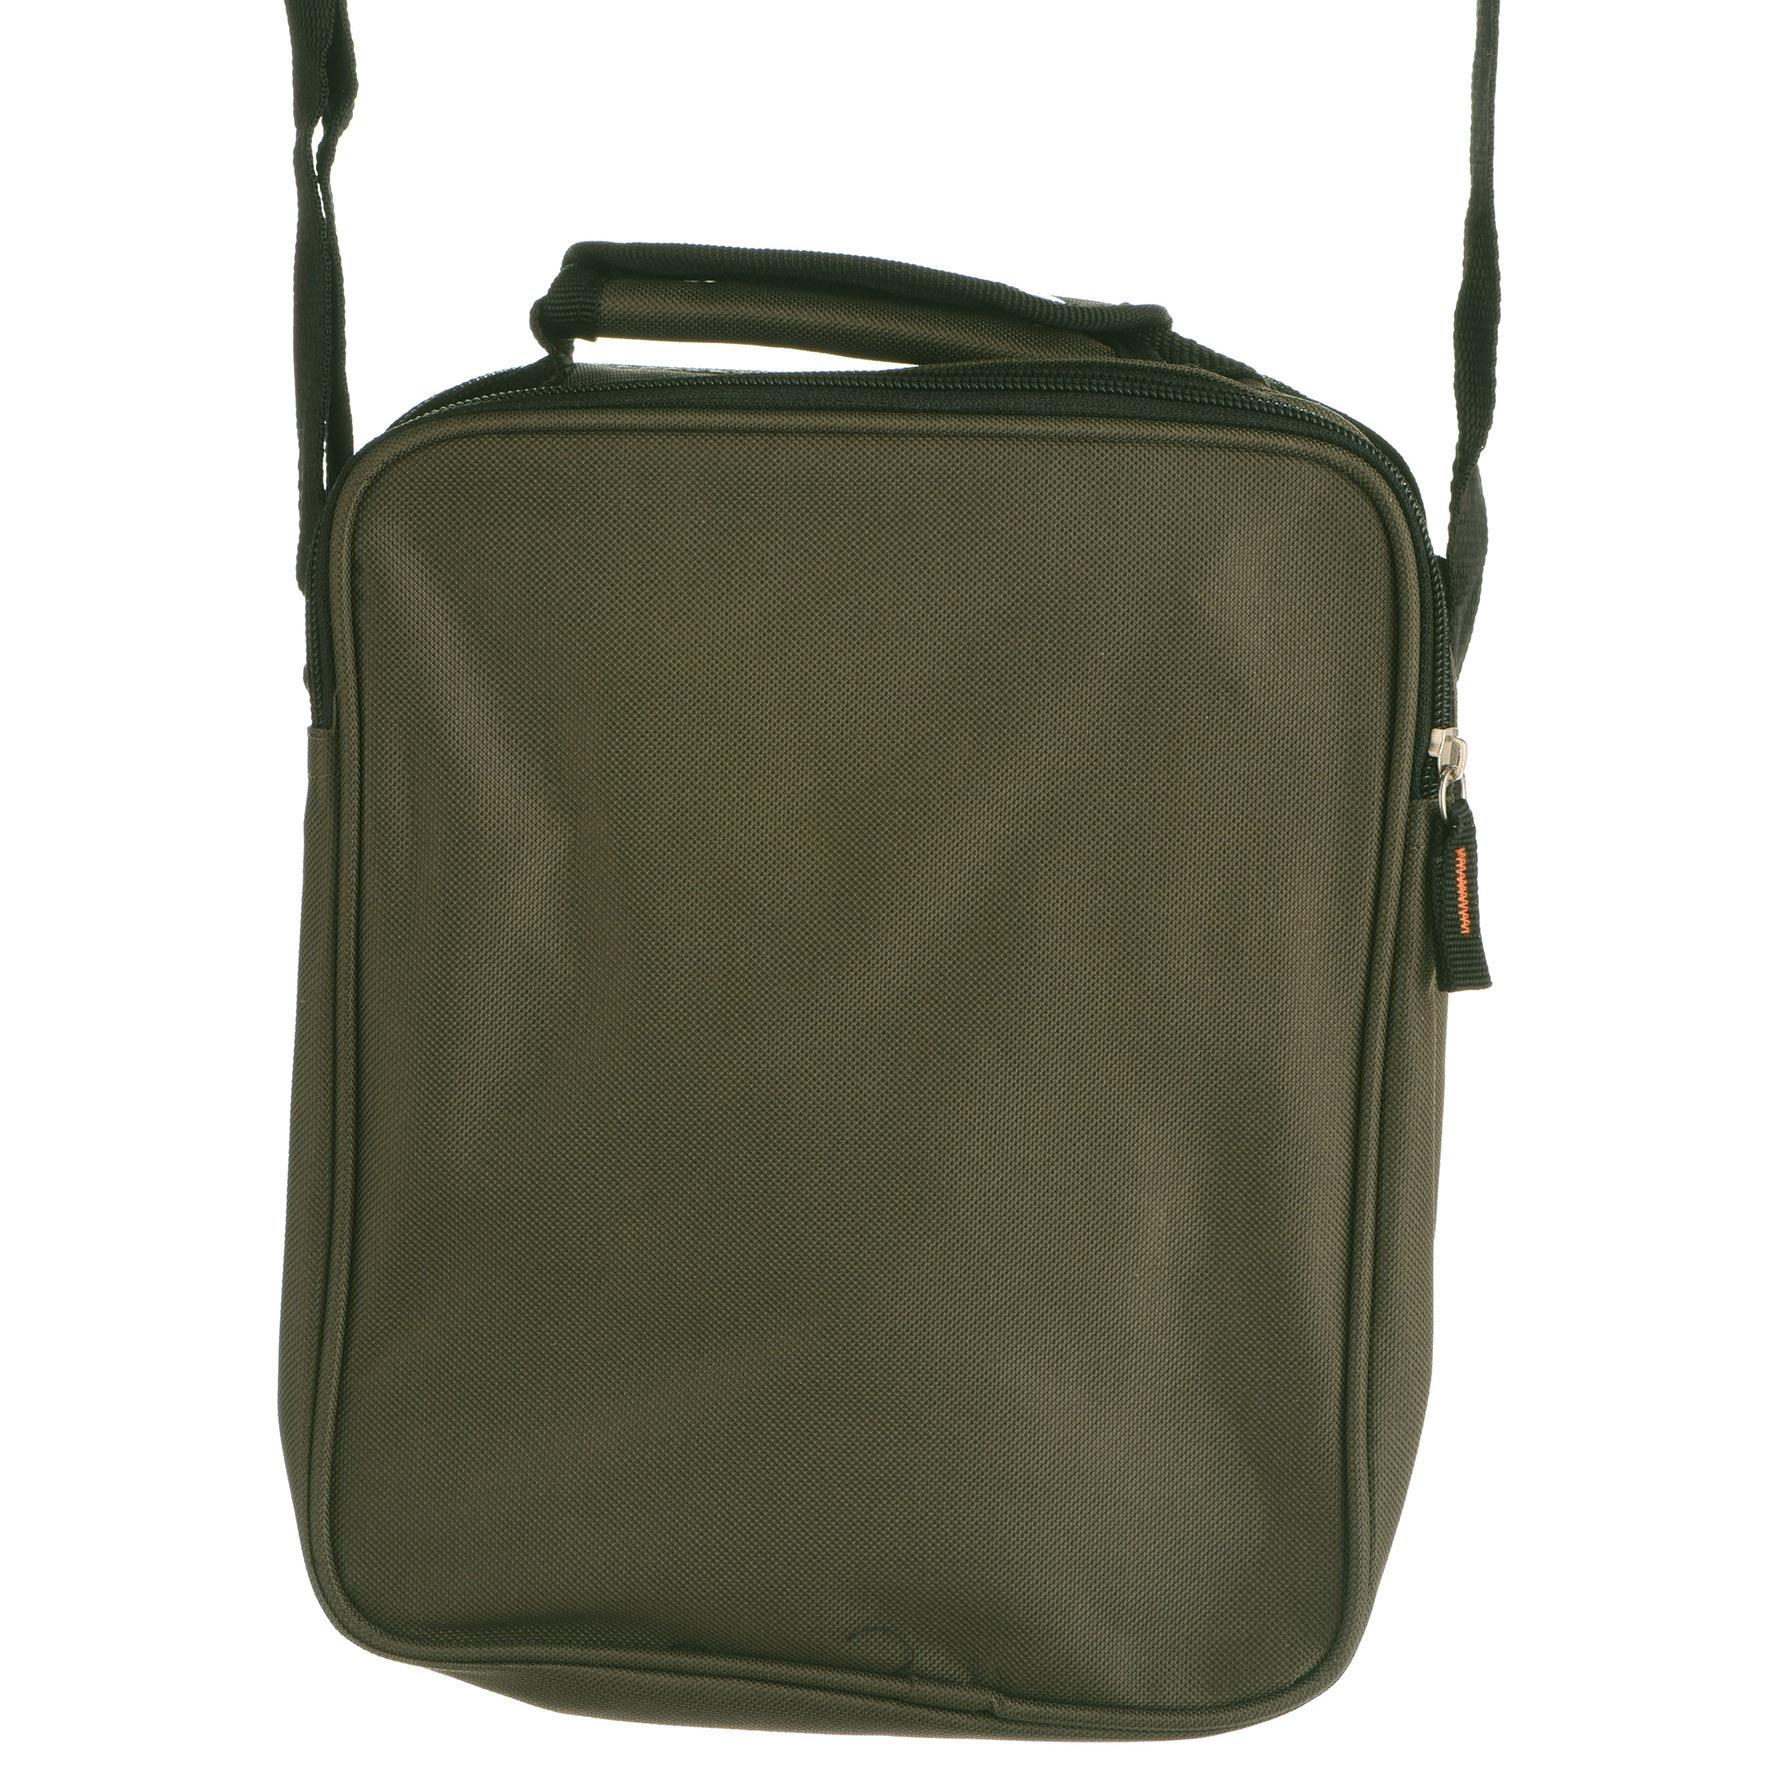 Mens Ladies Canvas Multi Purpose Cross Body Shoulder Bag ...